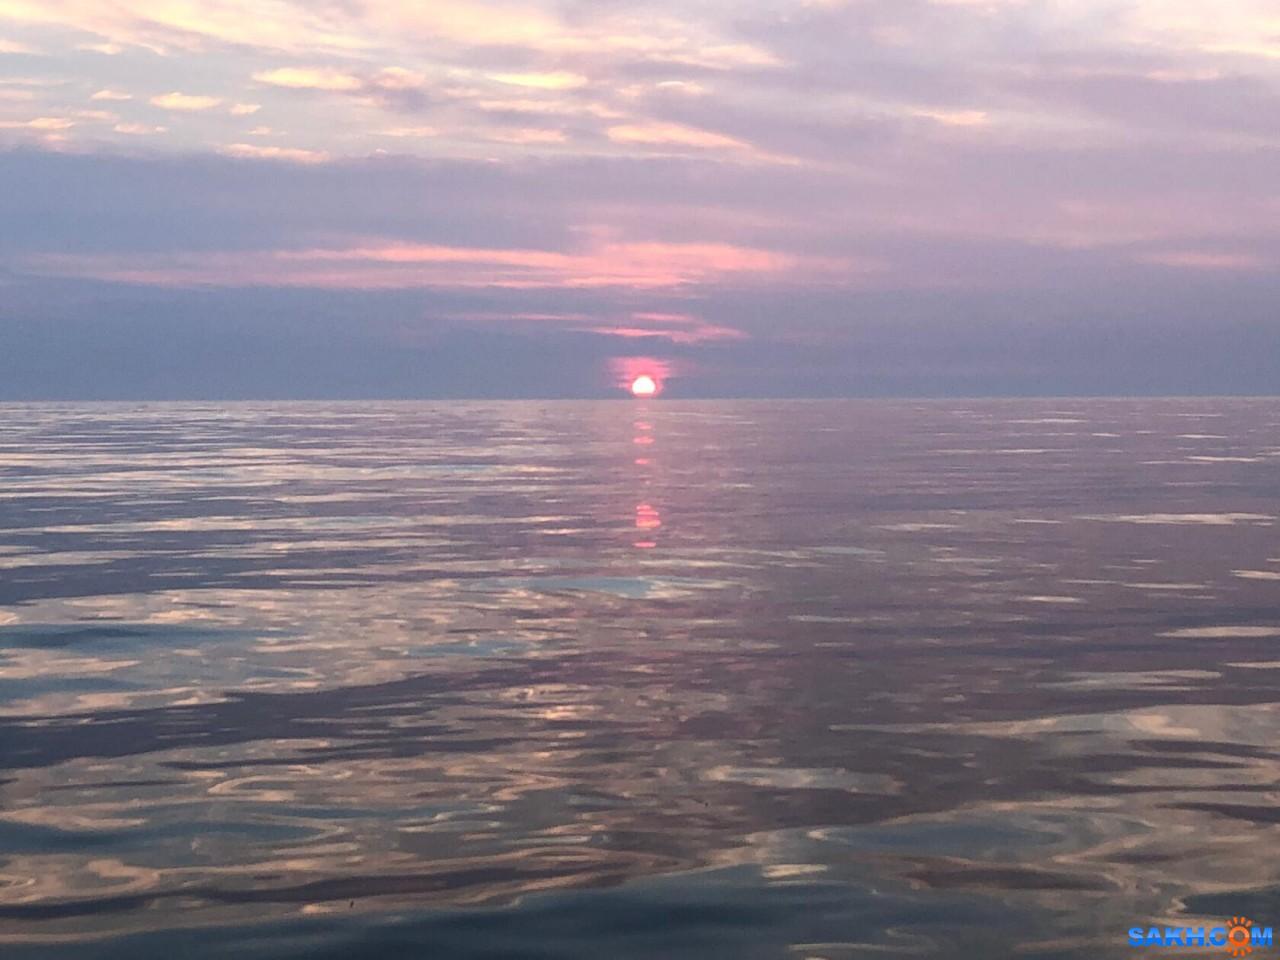 tasya: Сегодня сиреневый закат на юге Сахалина.